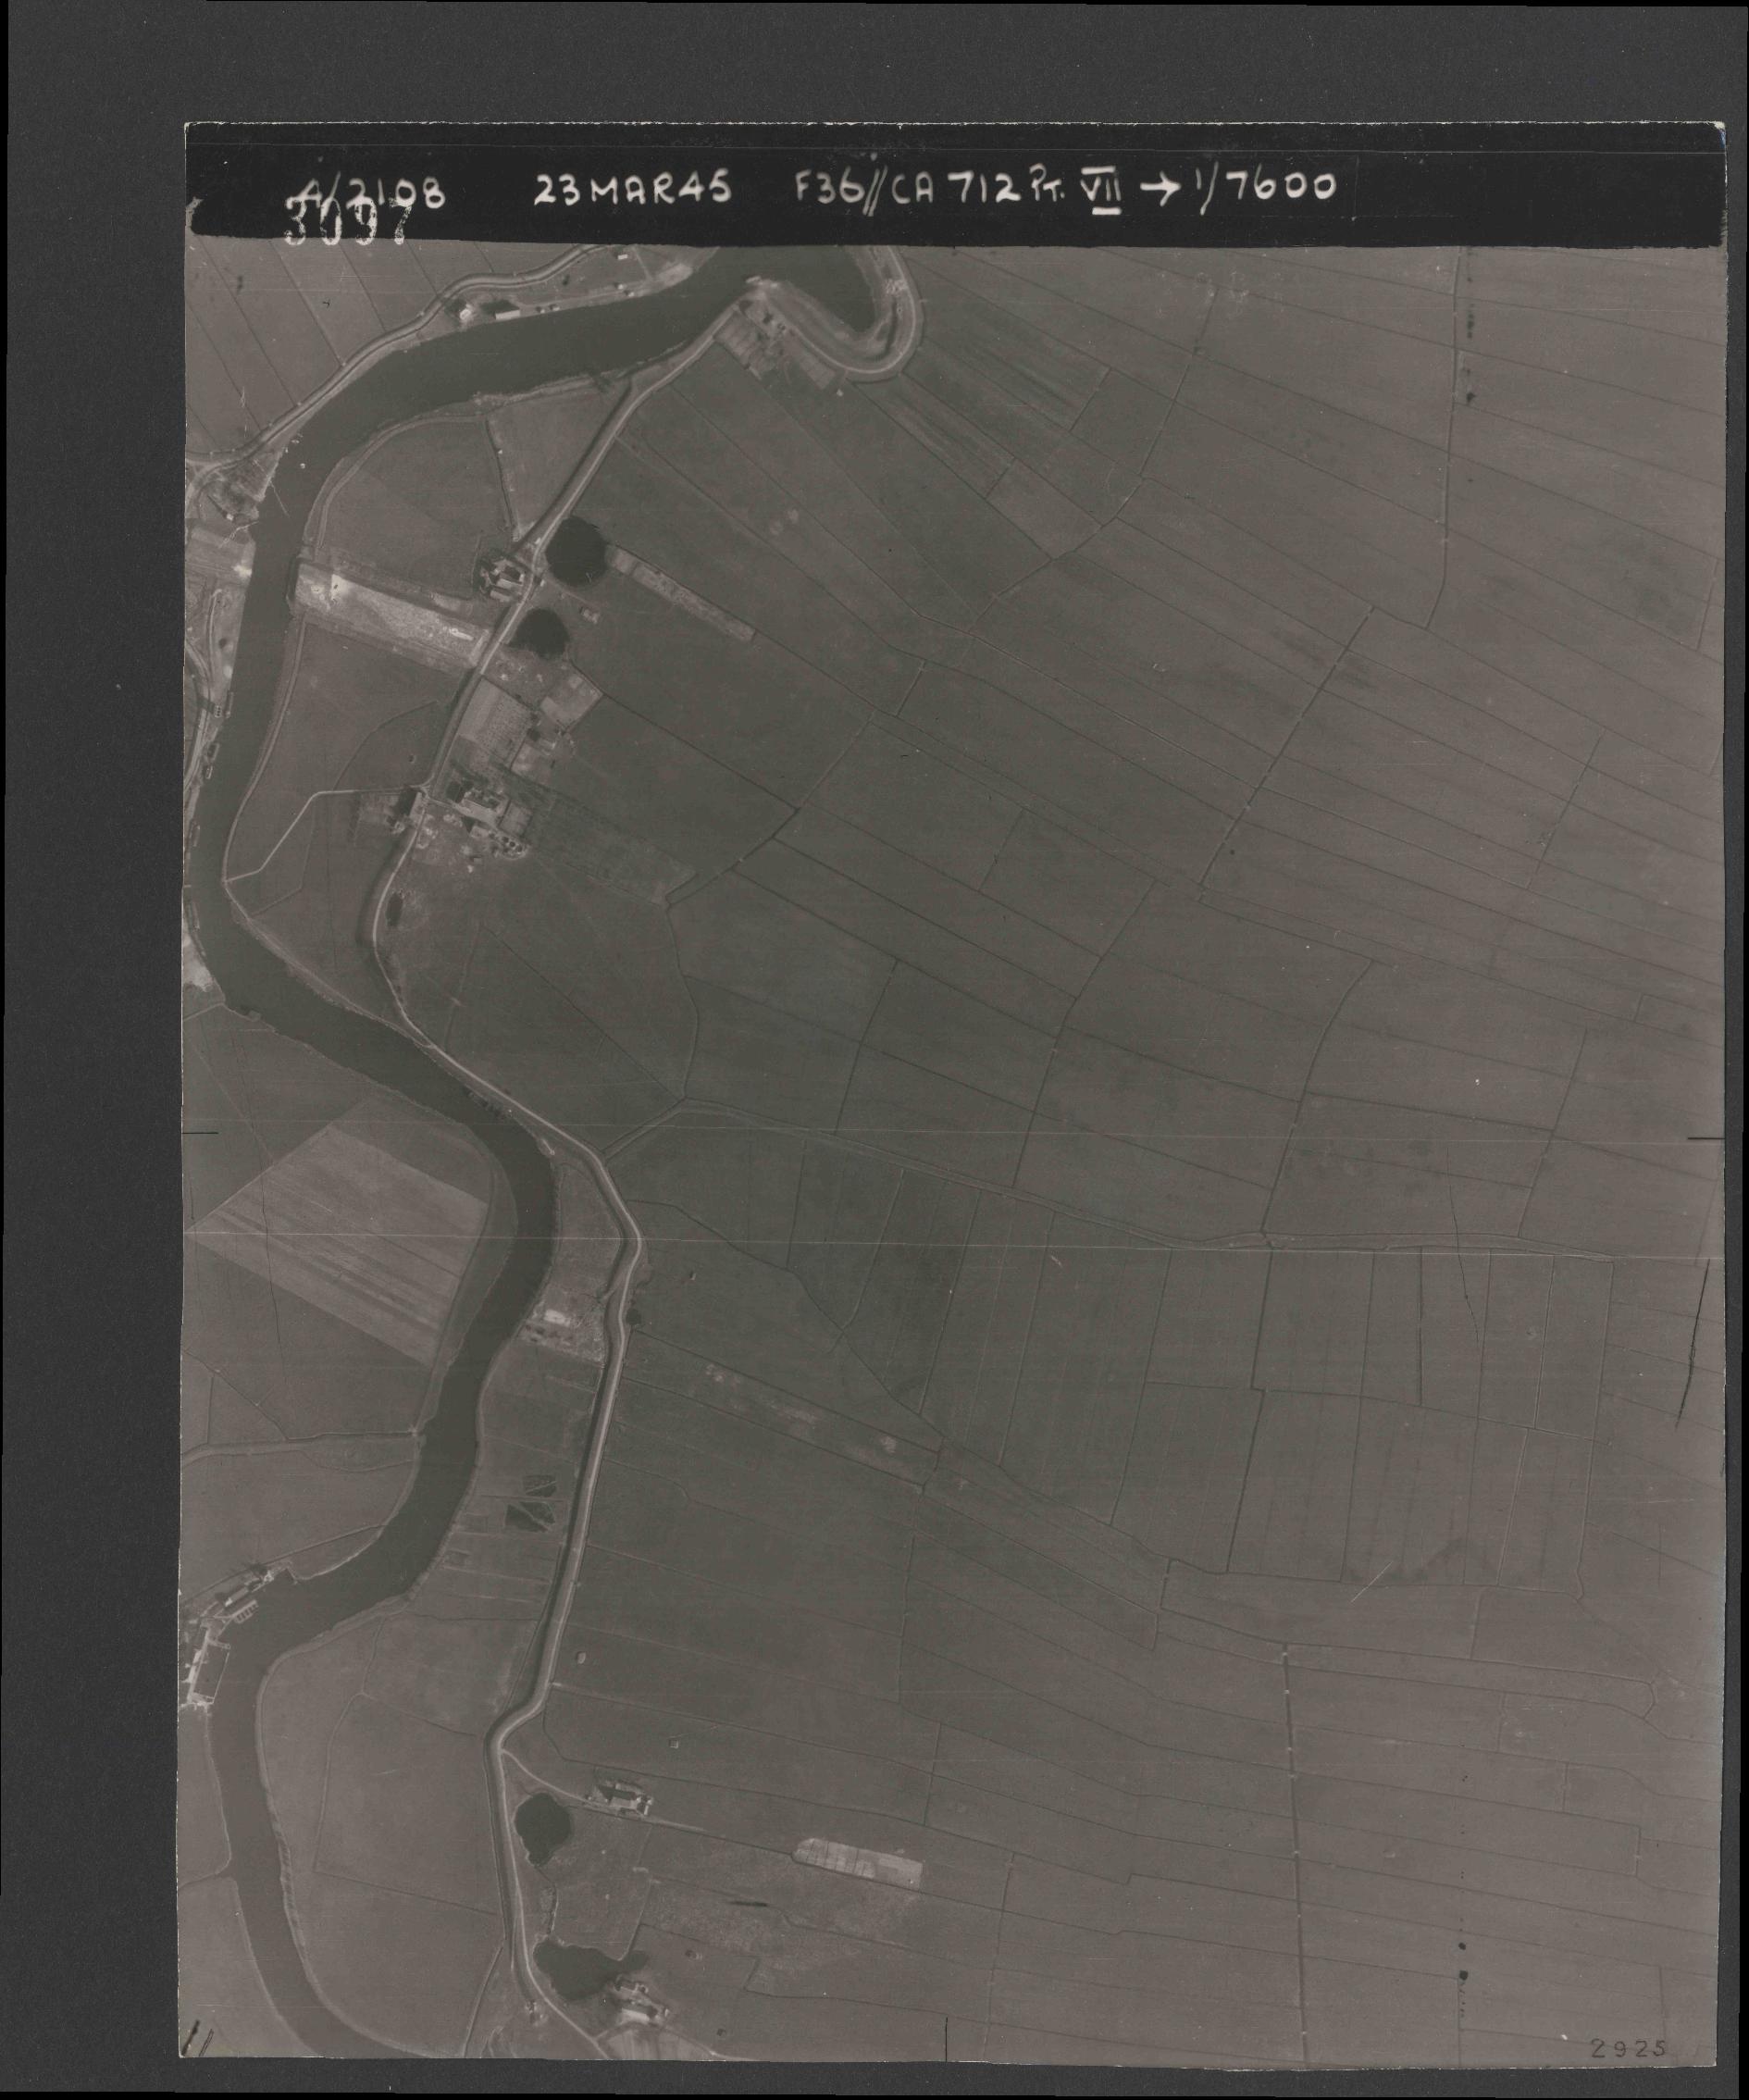 Collection RAF aerial photos 1940-1945 - flight 104, run 05, photo 3097